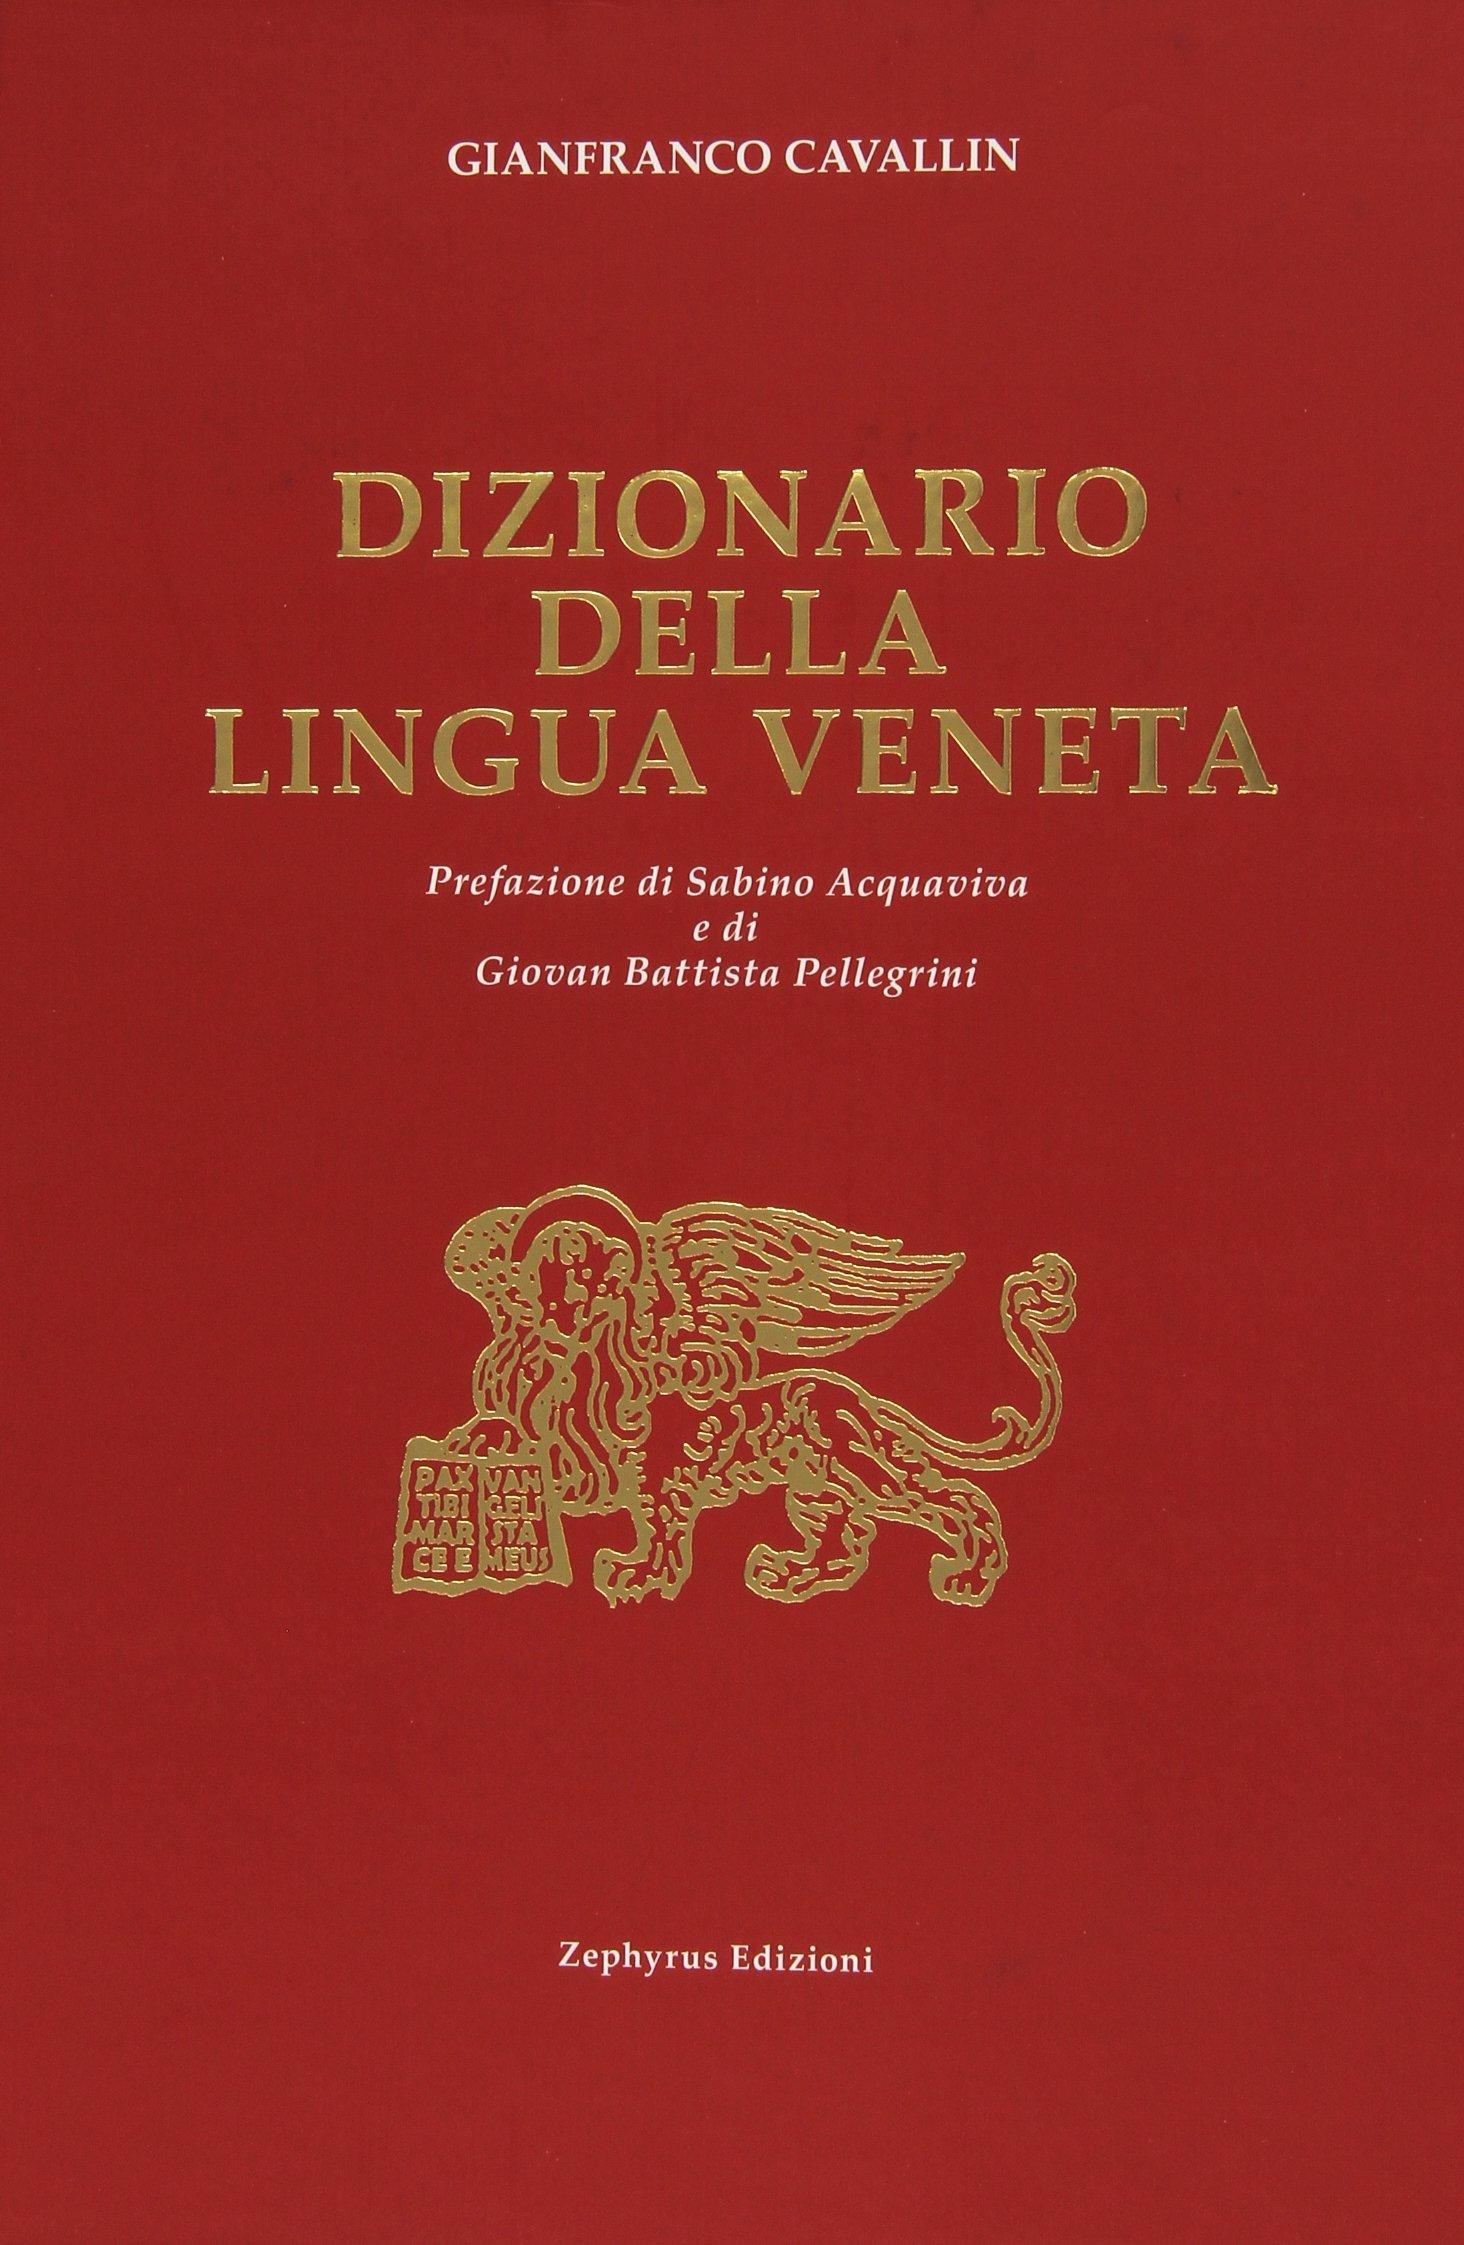 Gianfranco Cavallin - Dizionario della lingua veneta - Cover